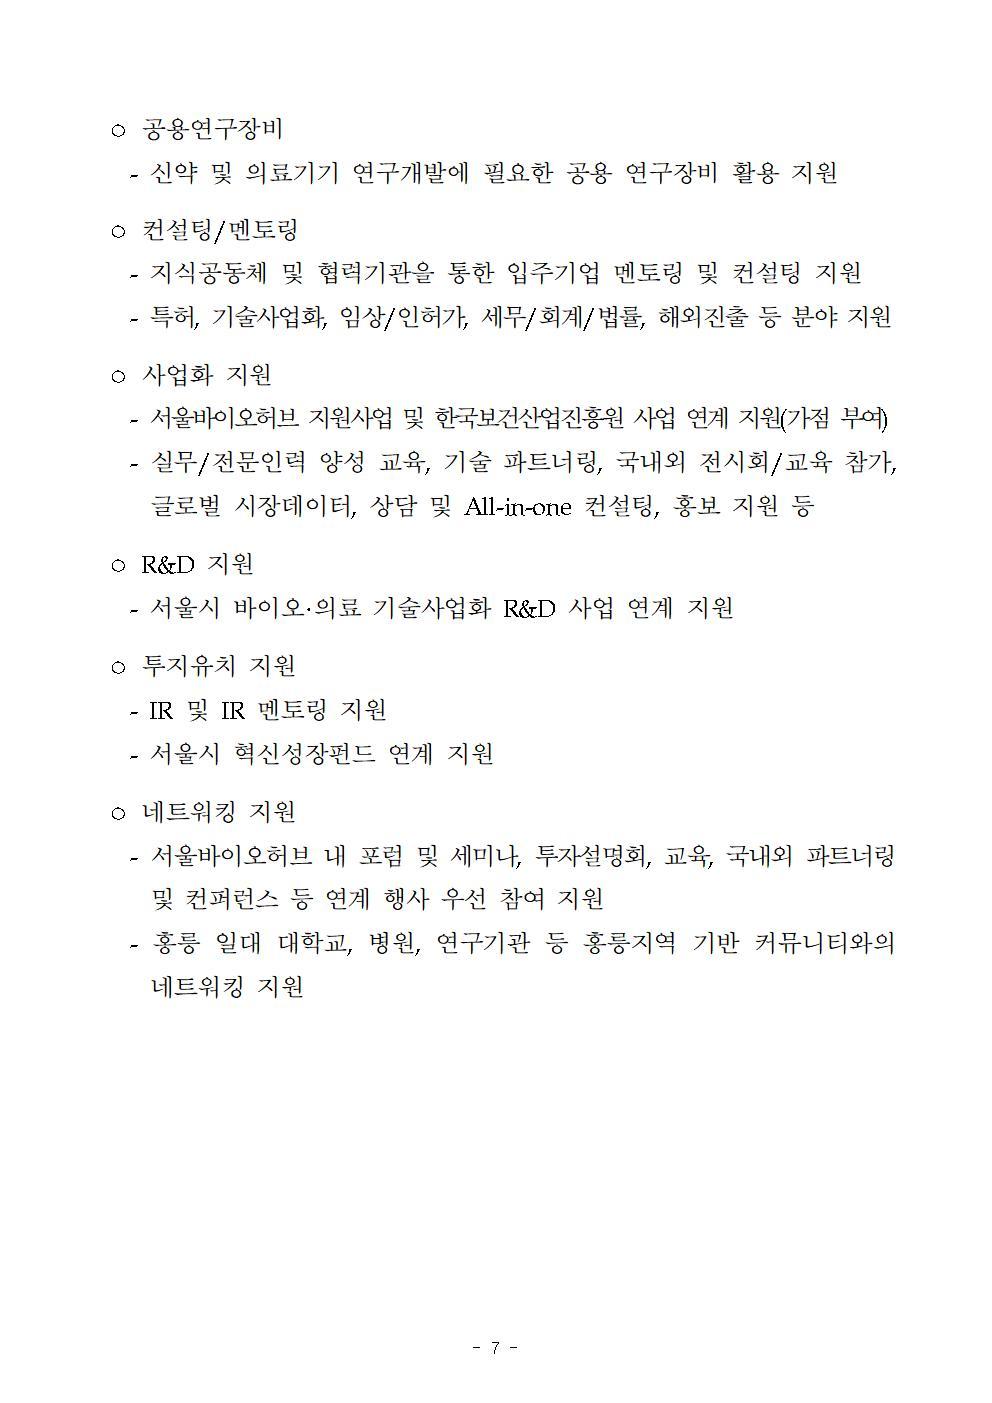 2019년 서울바이오허브 혁신 창업기업 모집 공고_final007